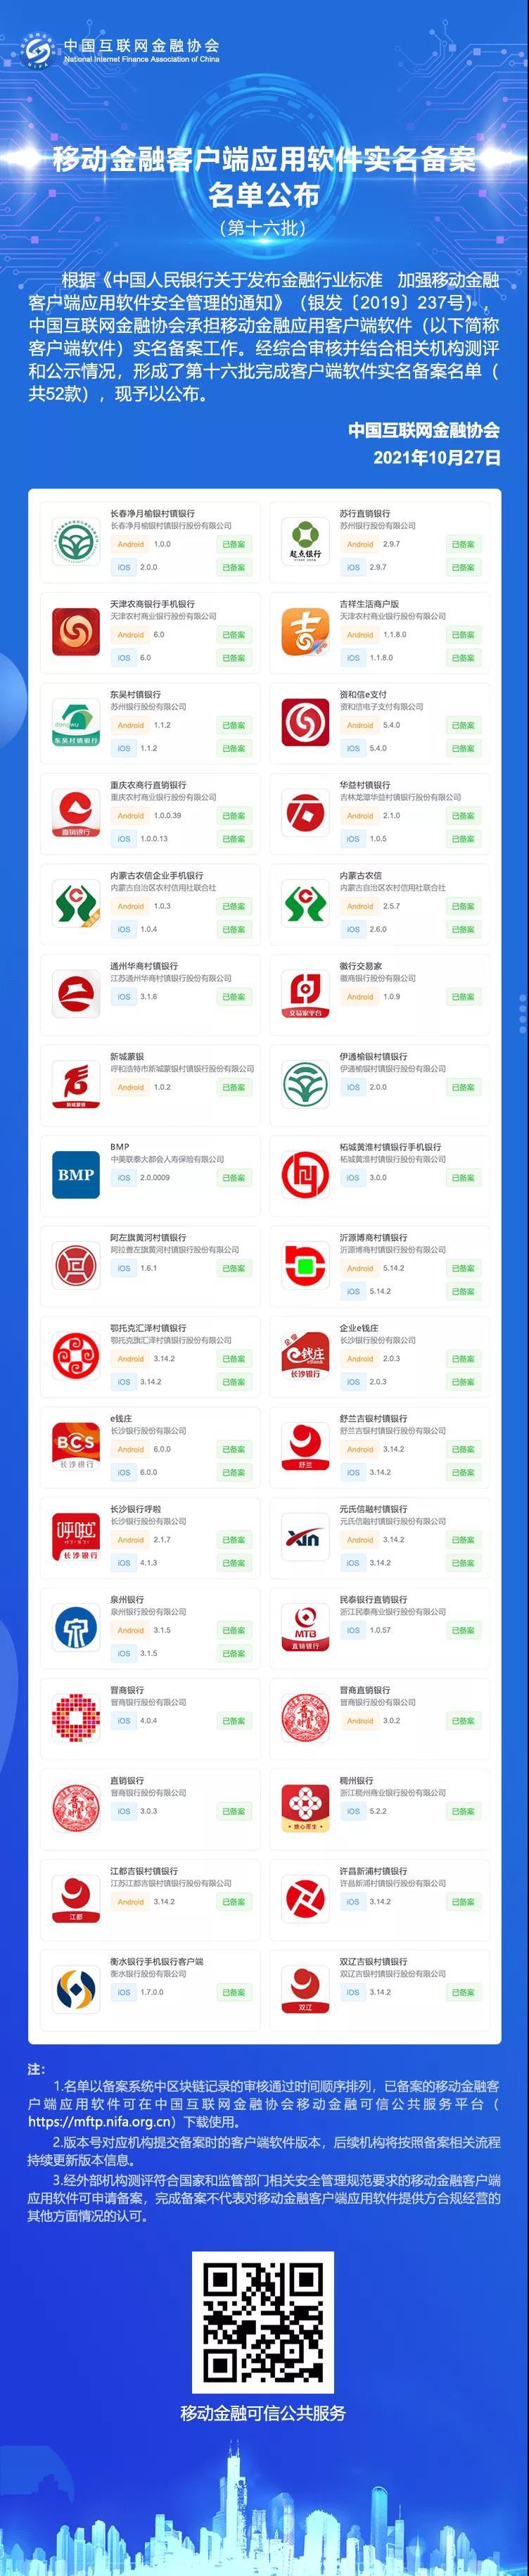 速看!中国互金协会公布52款移动金融客户端实名备案名单